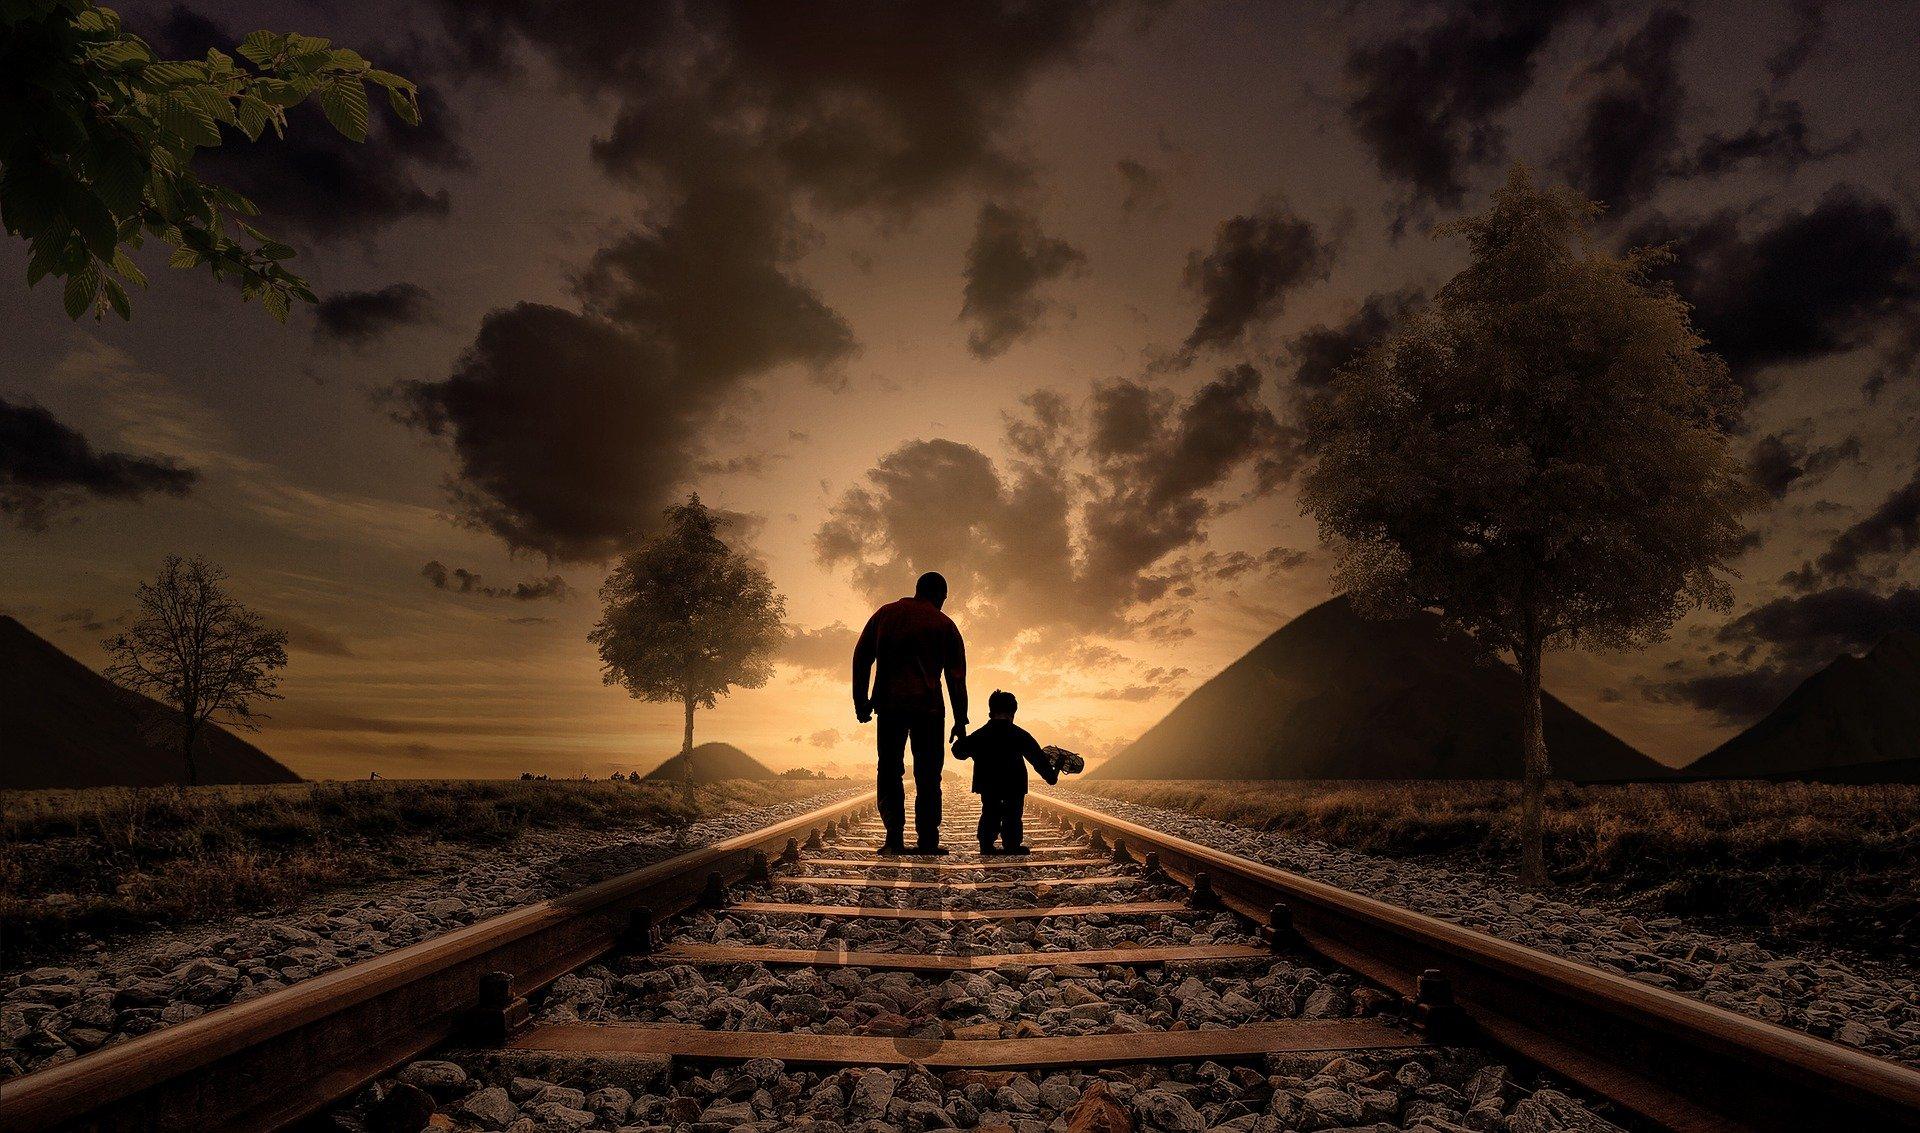 KĄCIK LITERACKI: Syn i sen [OPOWIADANIE] - Zdjęcie główne